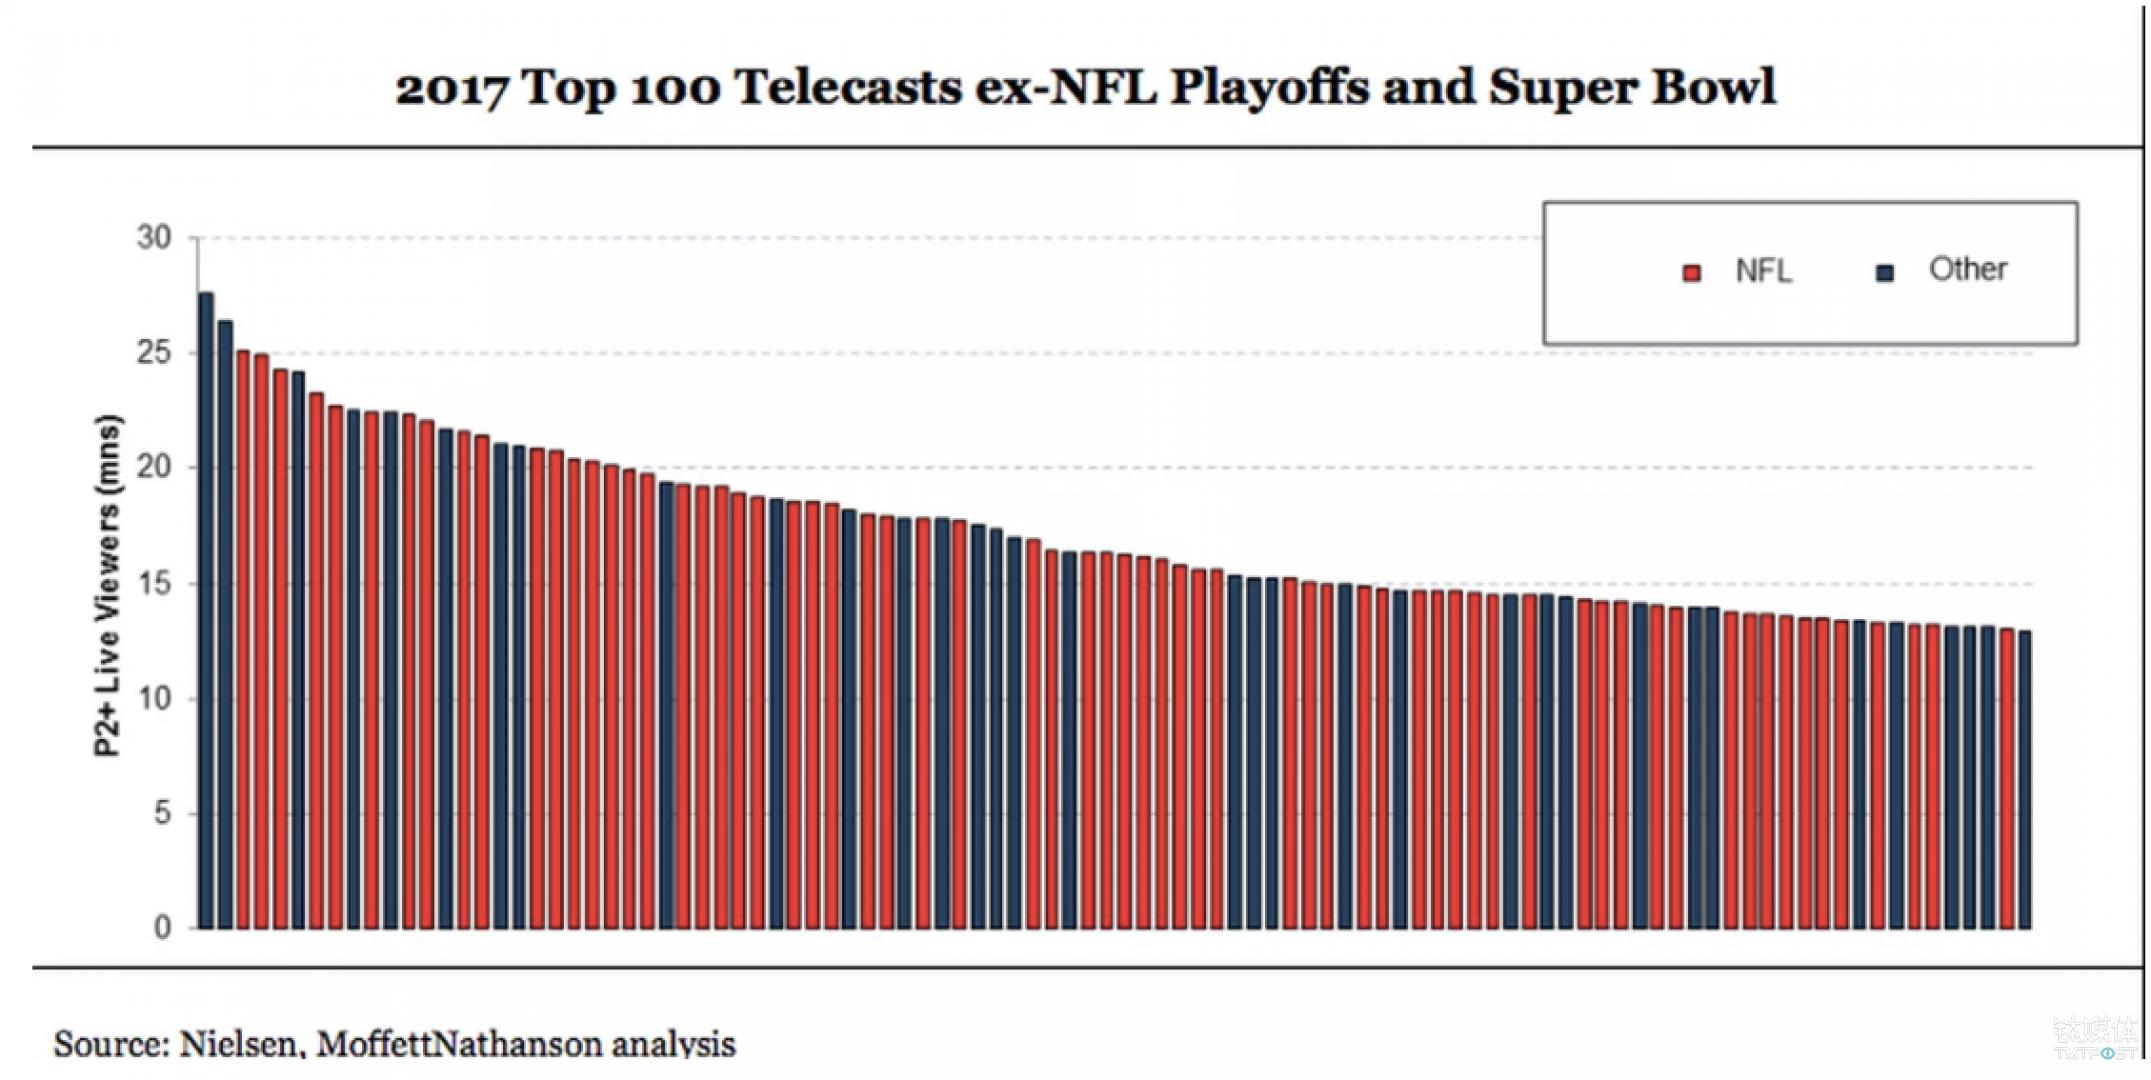 体育内容始终是最受美国观众欢迎的内容 来源:Recode